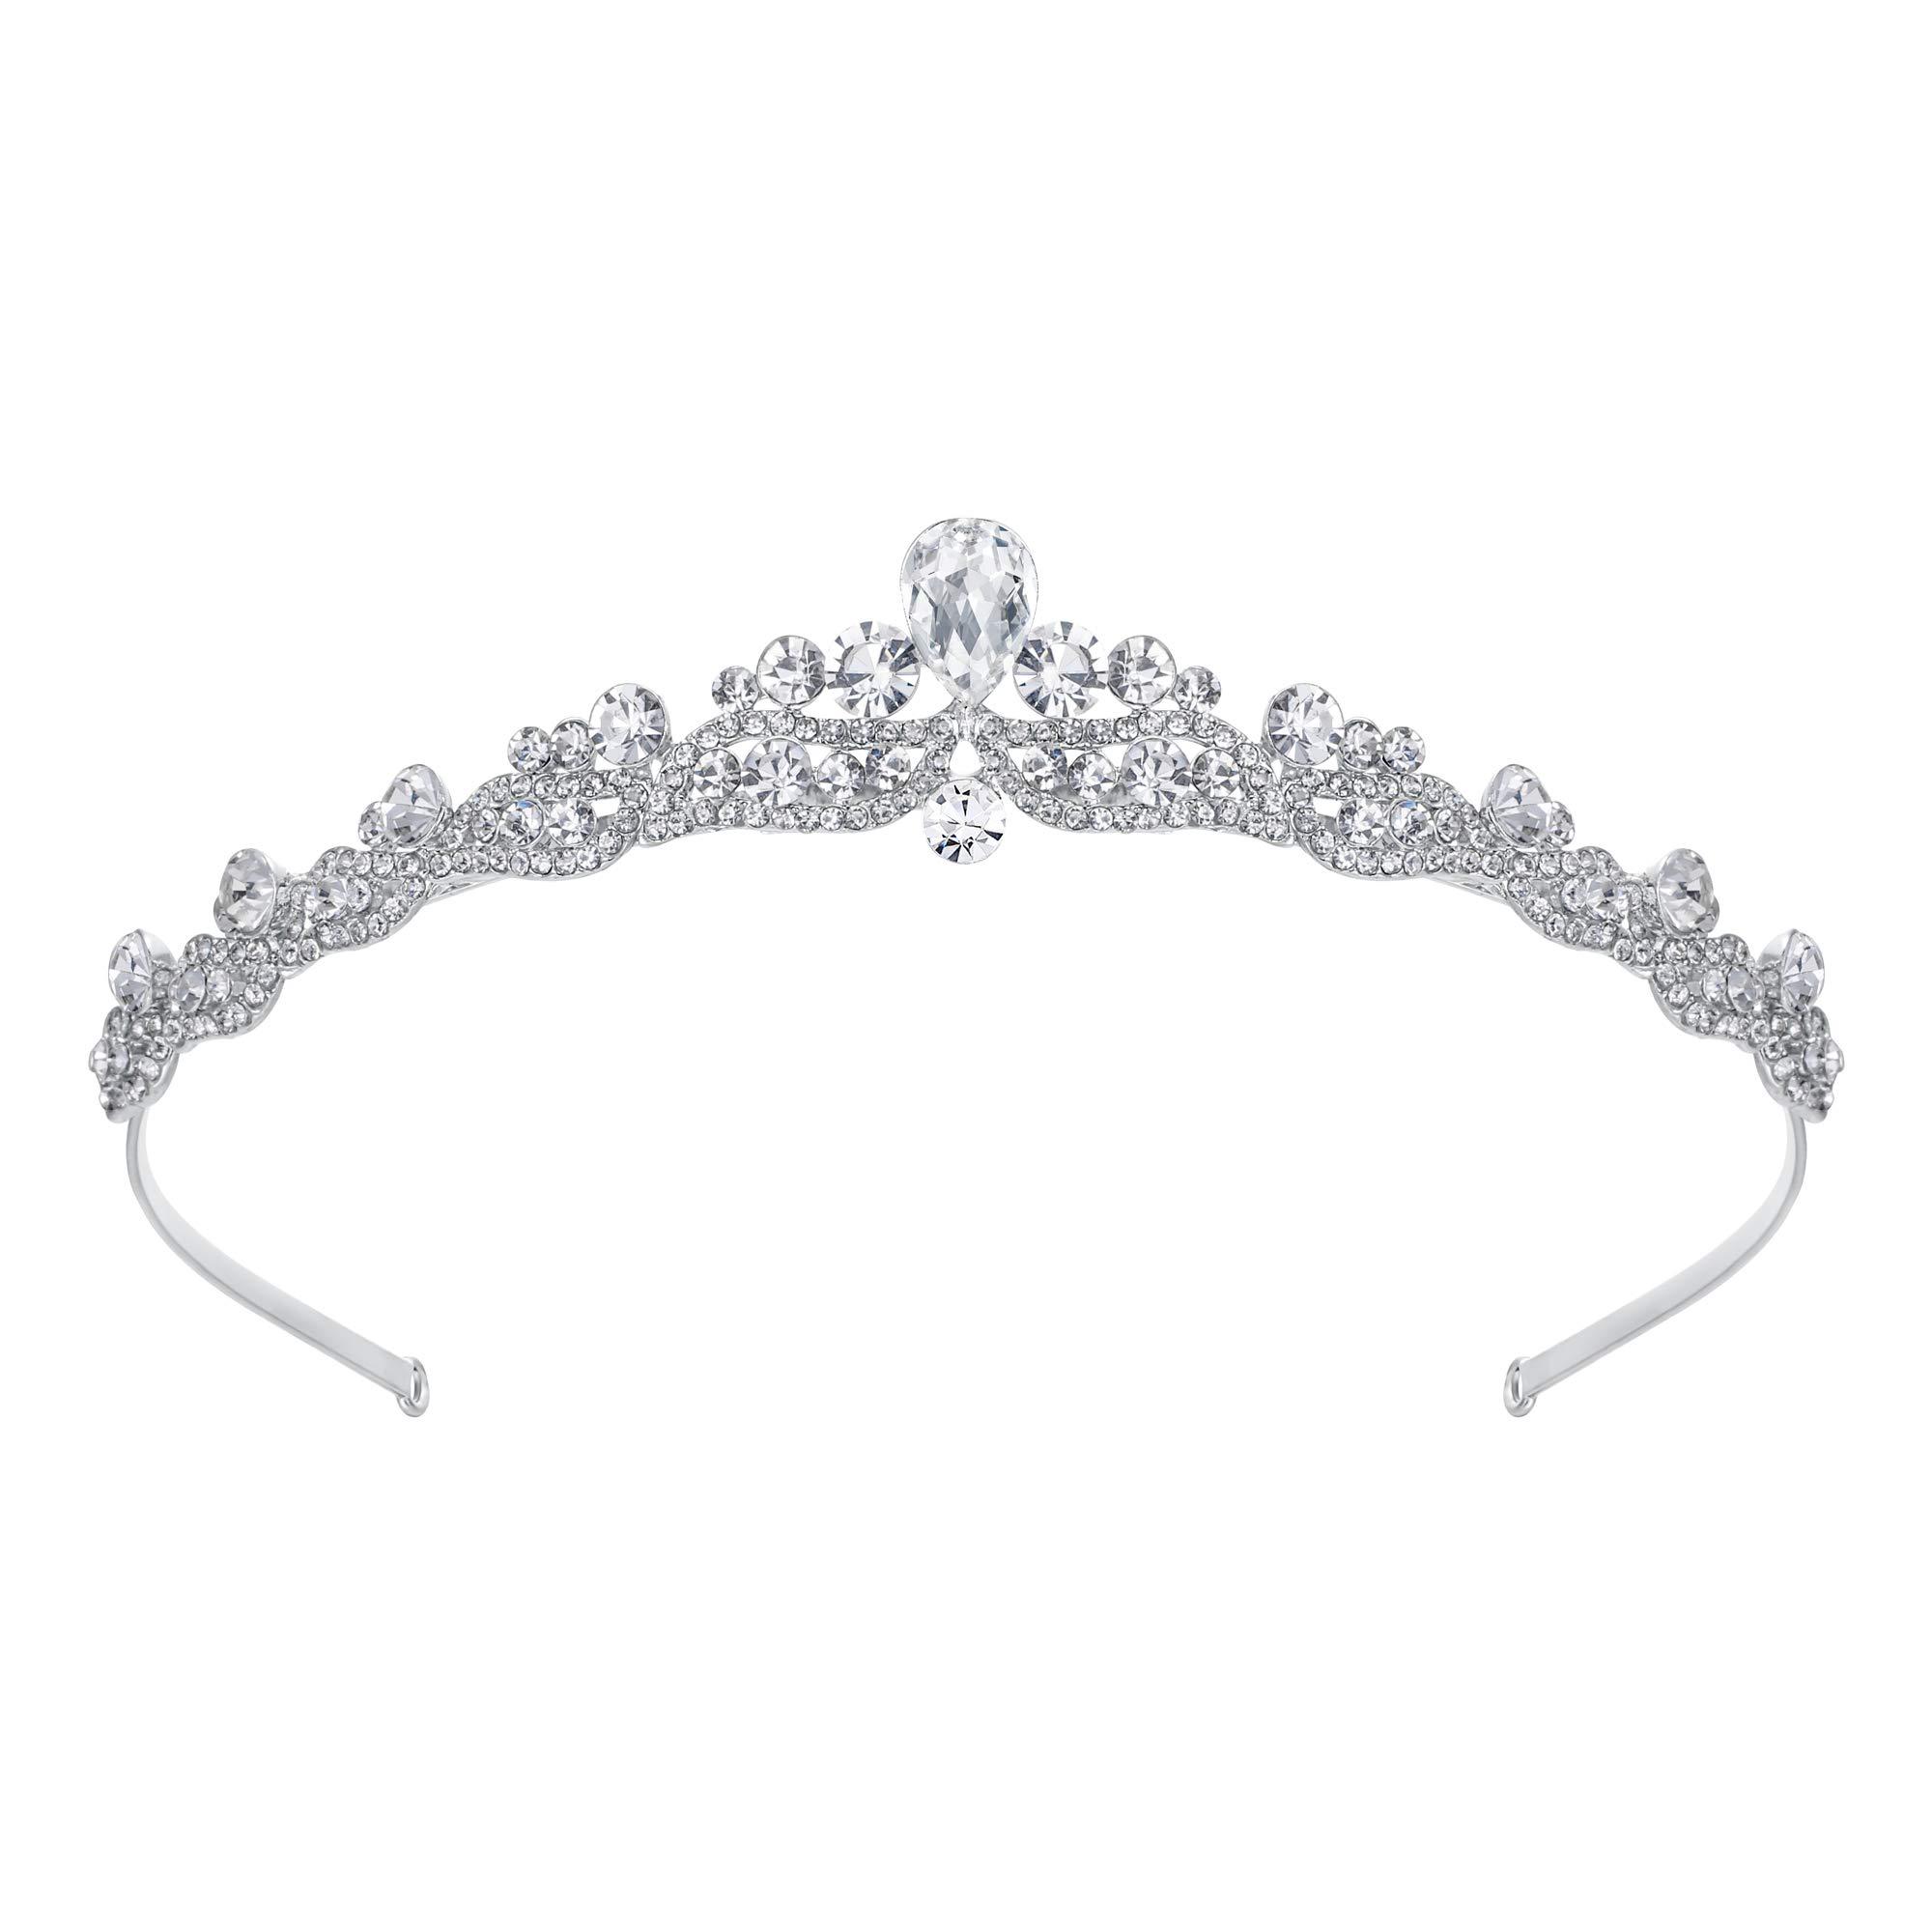 Begeistert Vintage Kristall Hochzeit Braut Armband Diamant Strass/blumenmädchen FüR Schnellen Versand Hochzeit & Besondere Anlässe